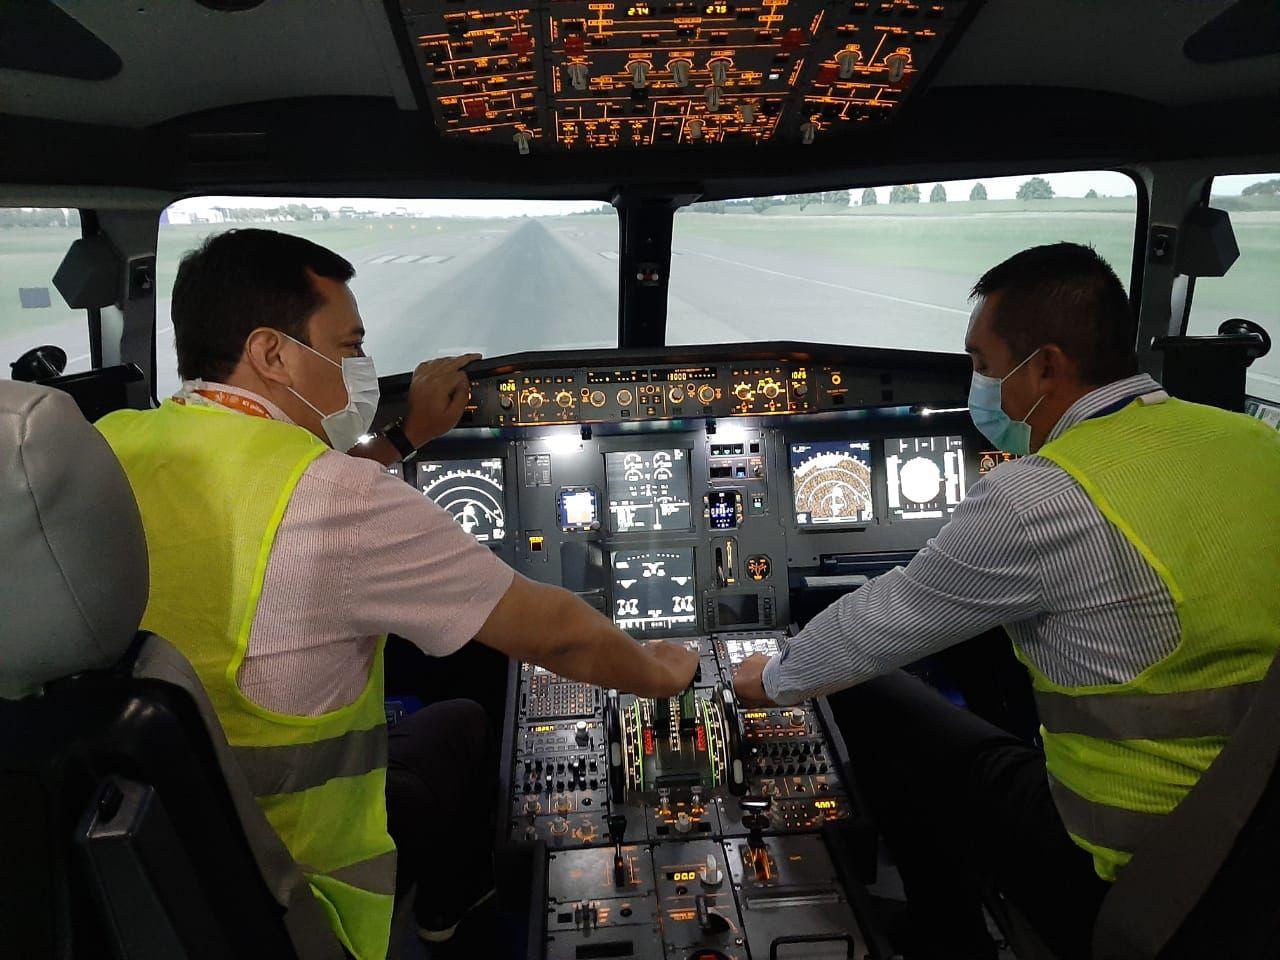 Implementar programas de la Red Aeroespacial en Caldas, objetivo del SENA para formar recurso humano que demande Aerocafé.